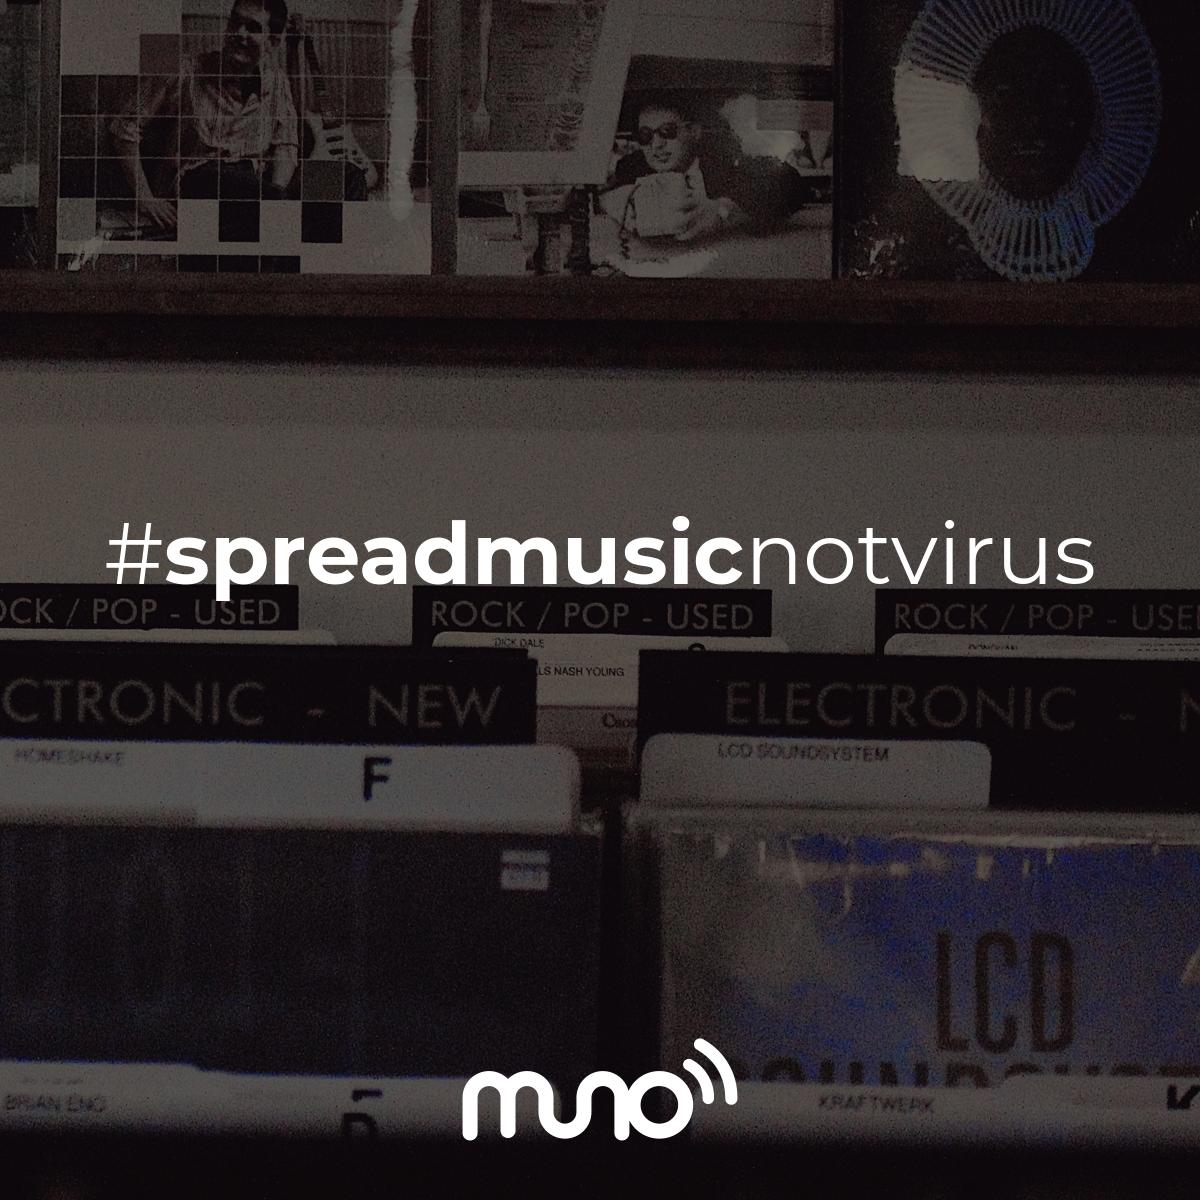 #spreadmusicnotvirus